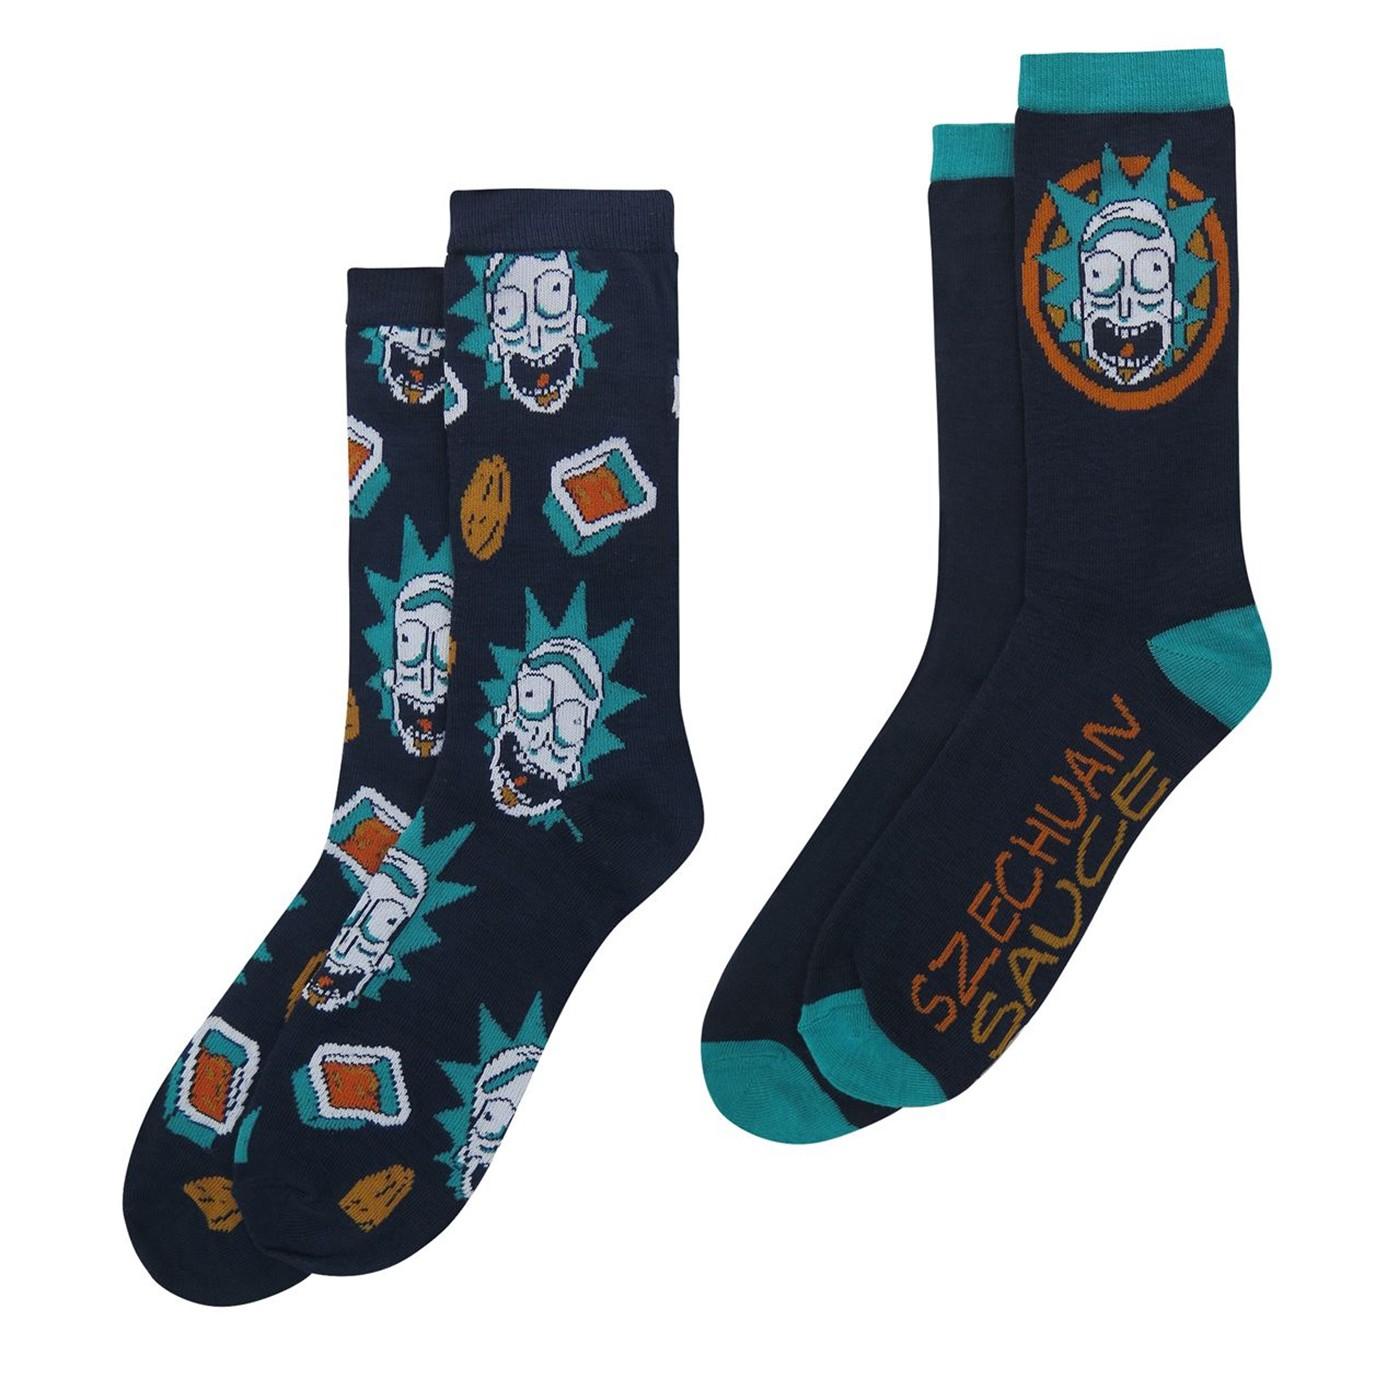 Rick and Morty Szechuan Sauce Crew Sock 2-Pack